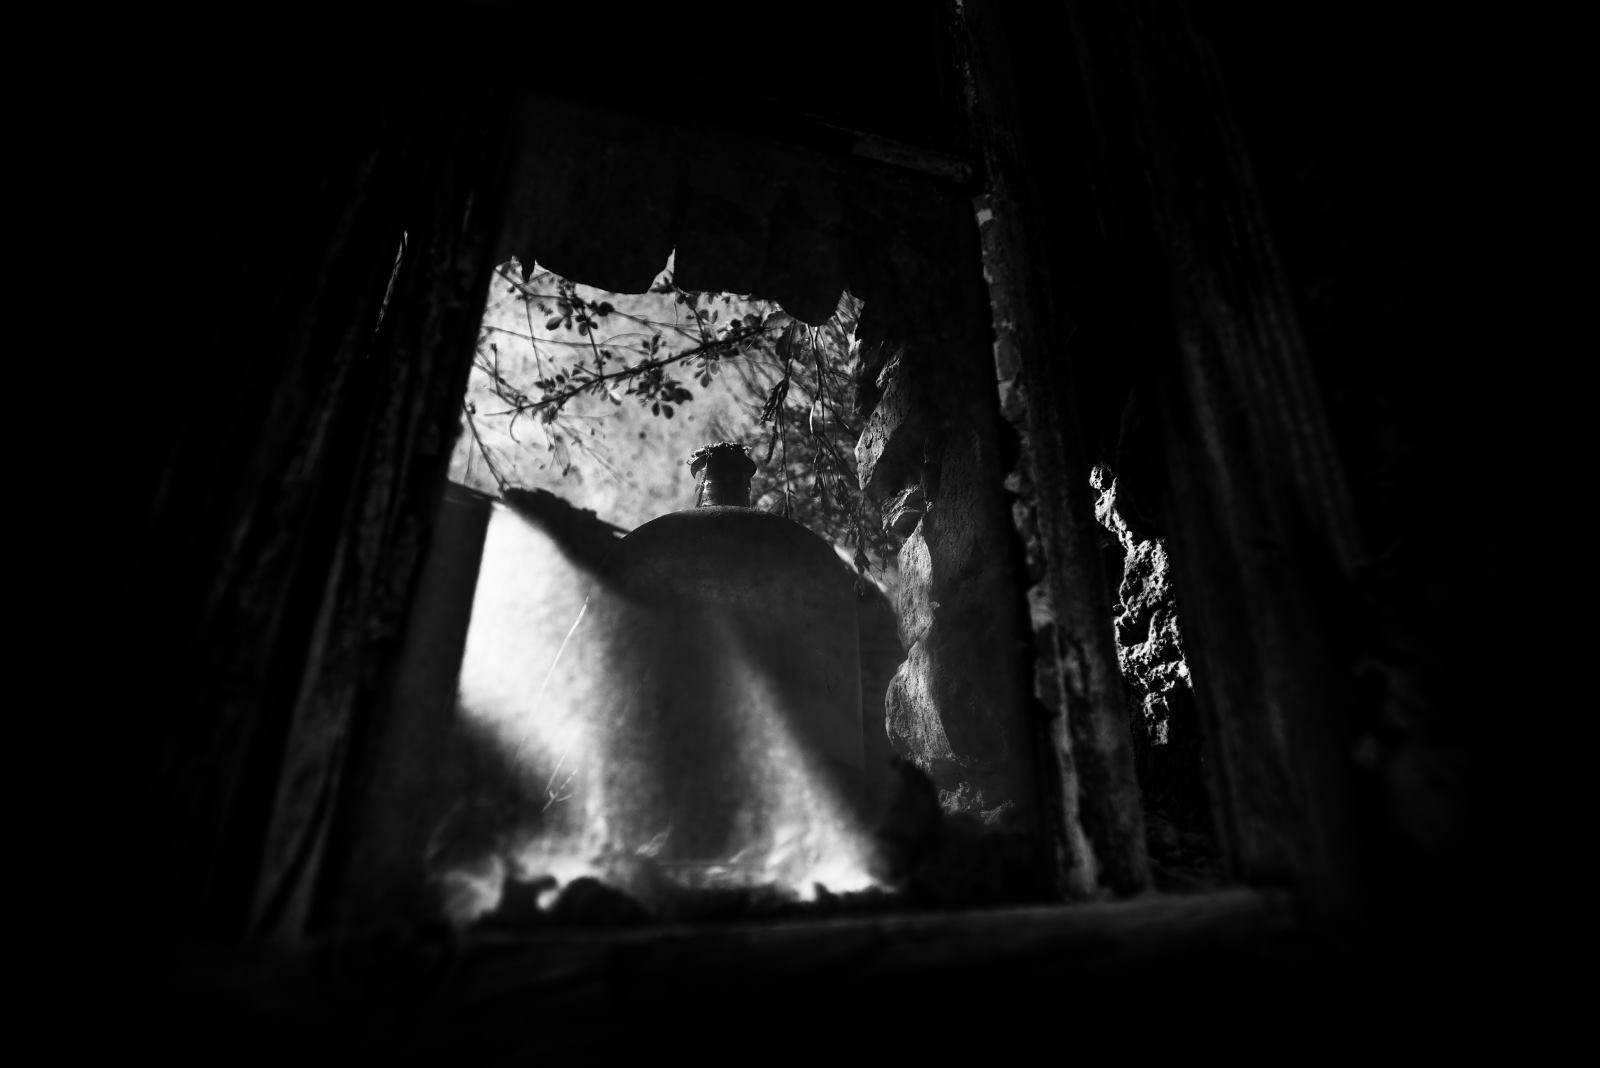 Foto Markéta Butalová | Démon chlast